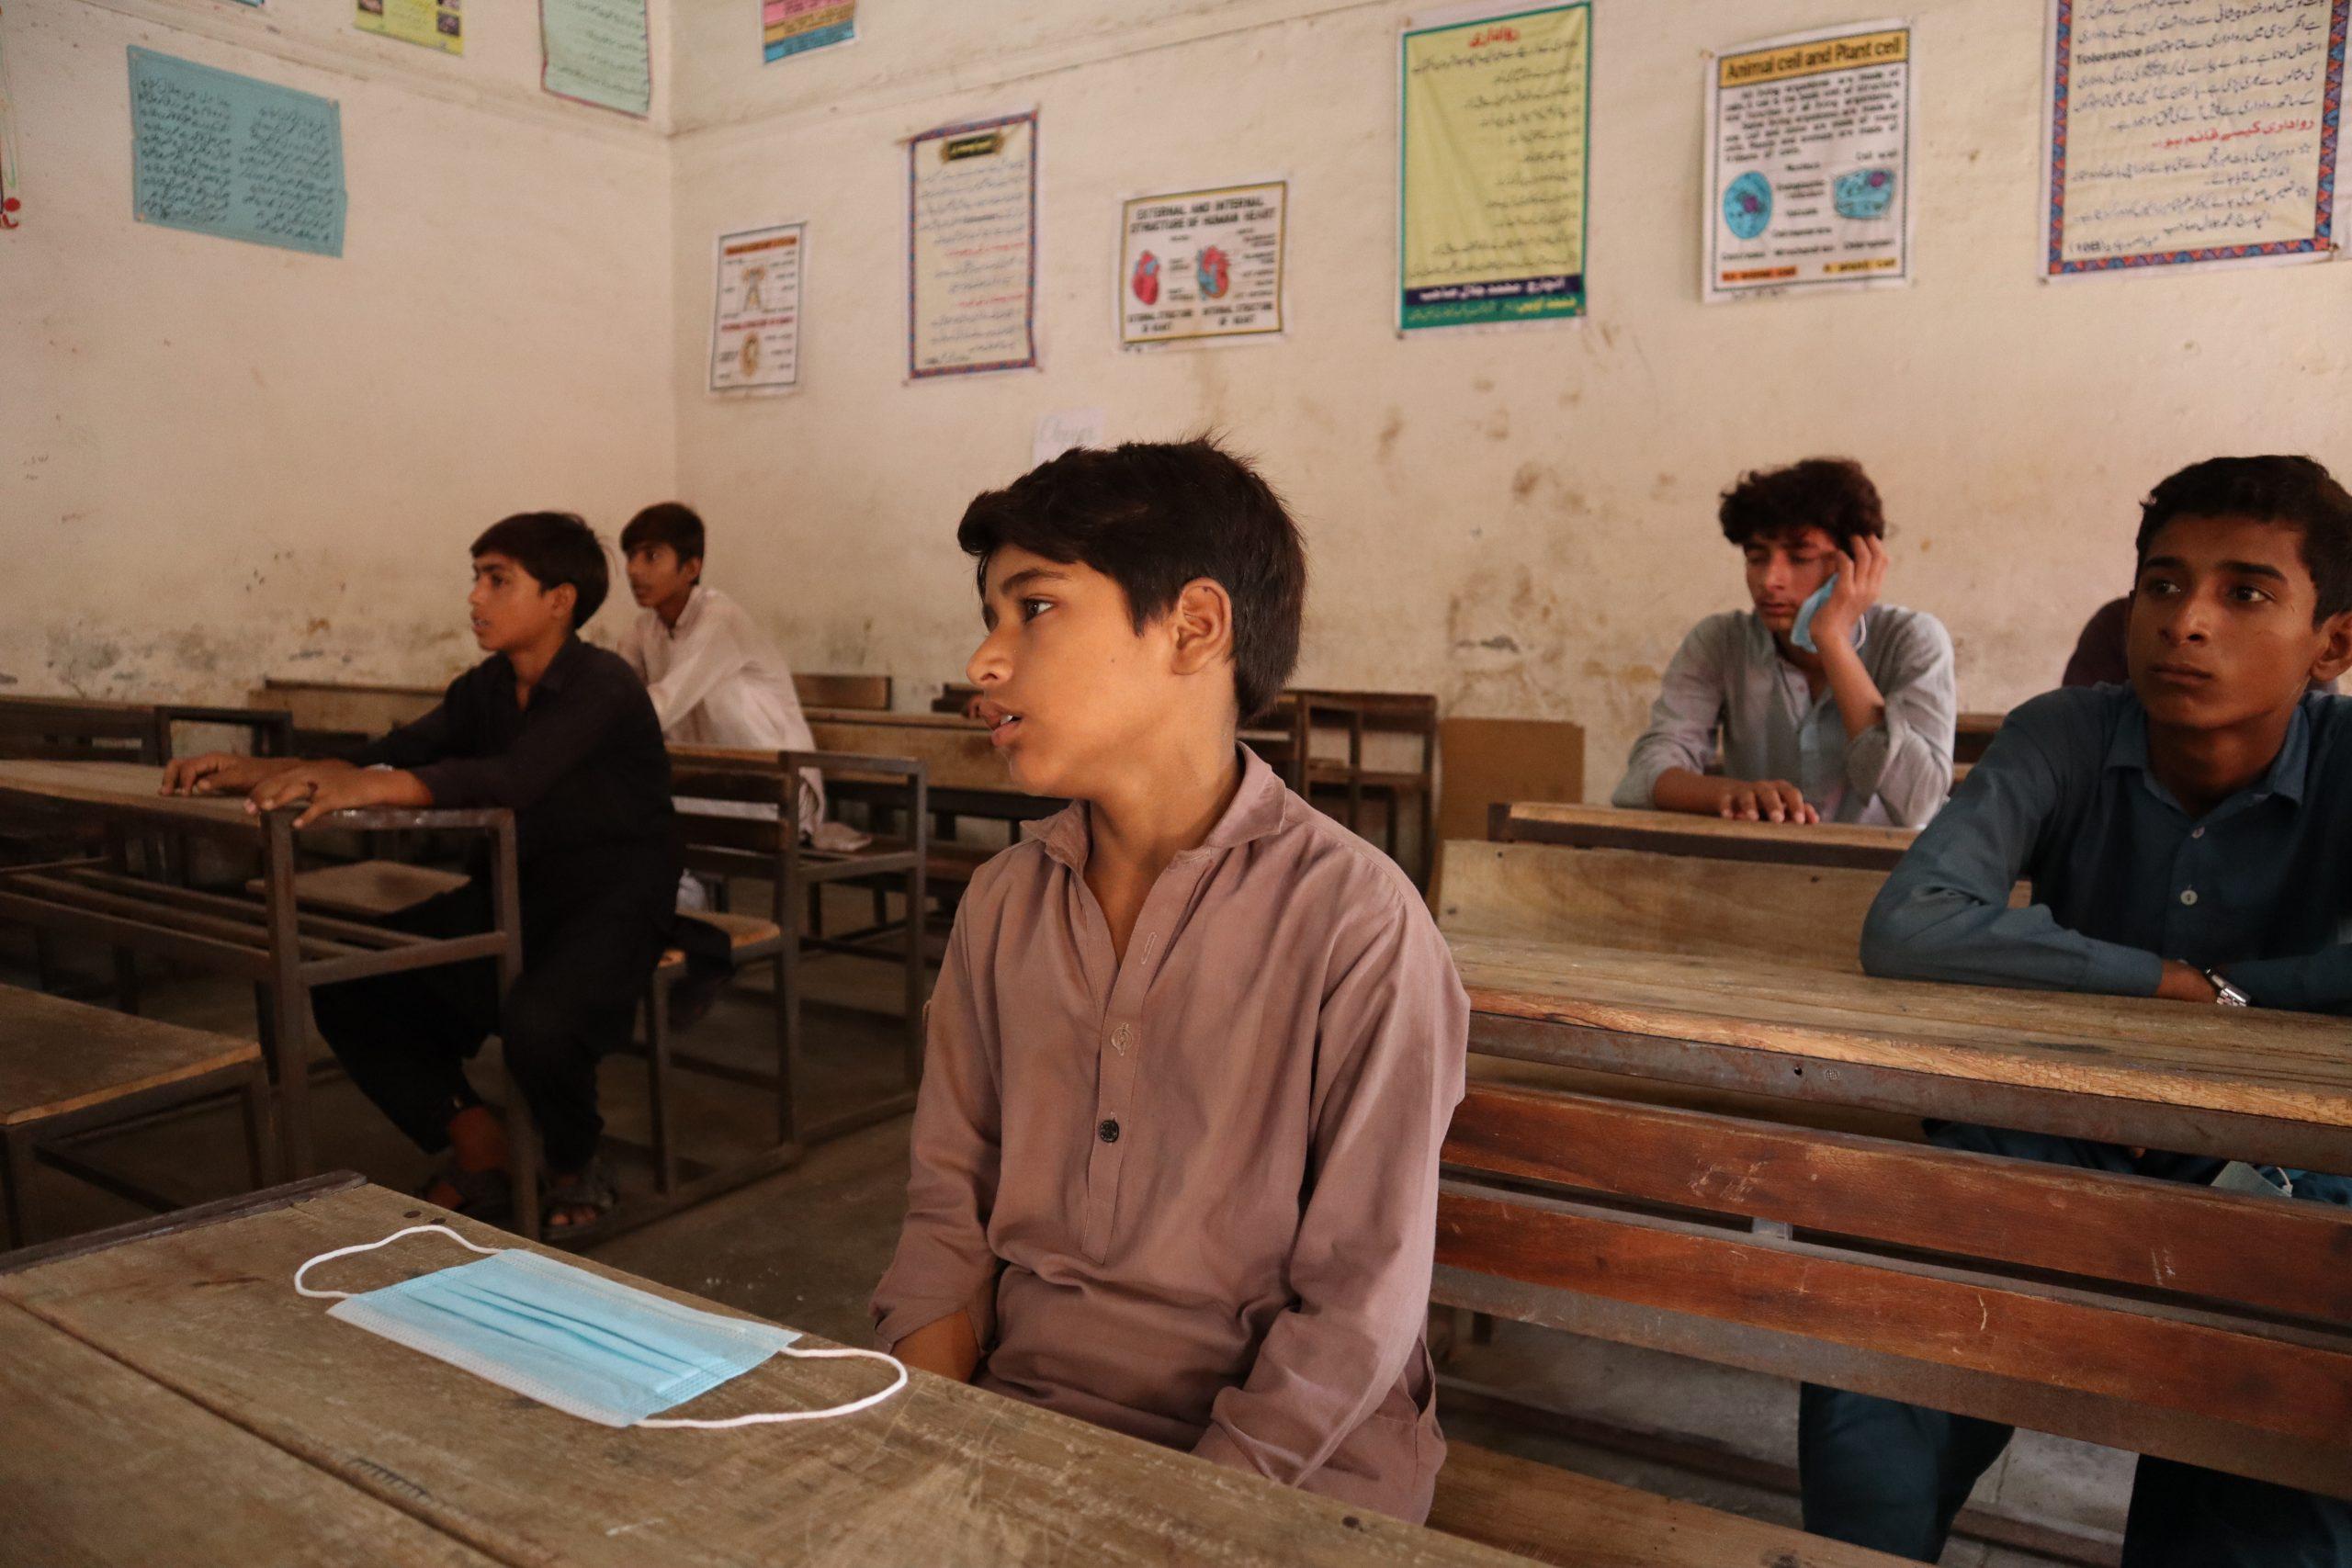 گورنمنٹ پائلٹ ہائیرسکینڈری سکول ملتان میں ہٹلوں اور ورکشاپس پر مزدوری  کرنے والے بچوں کے لئے خصوصی کلاس کا منظر